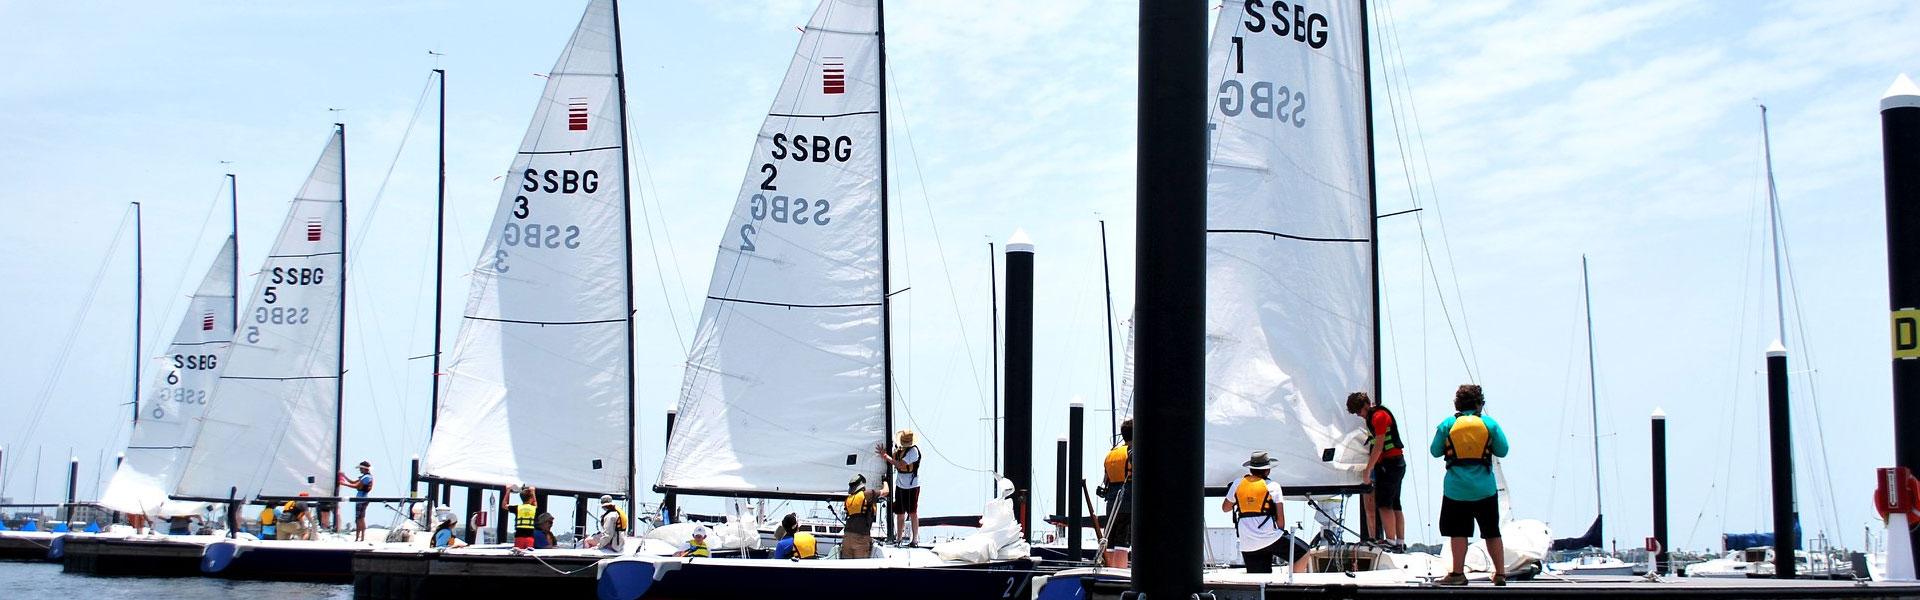 Learning How to Sail at Sea Star Base, Galveston TX